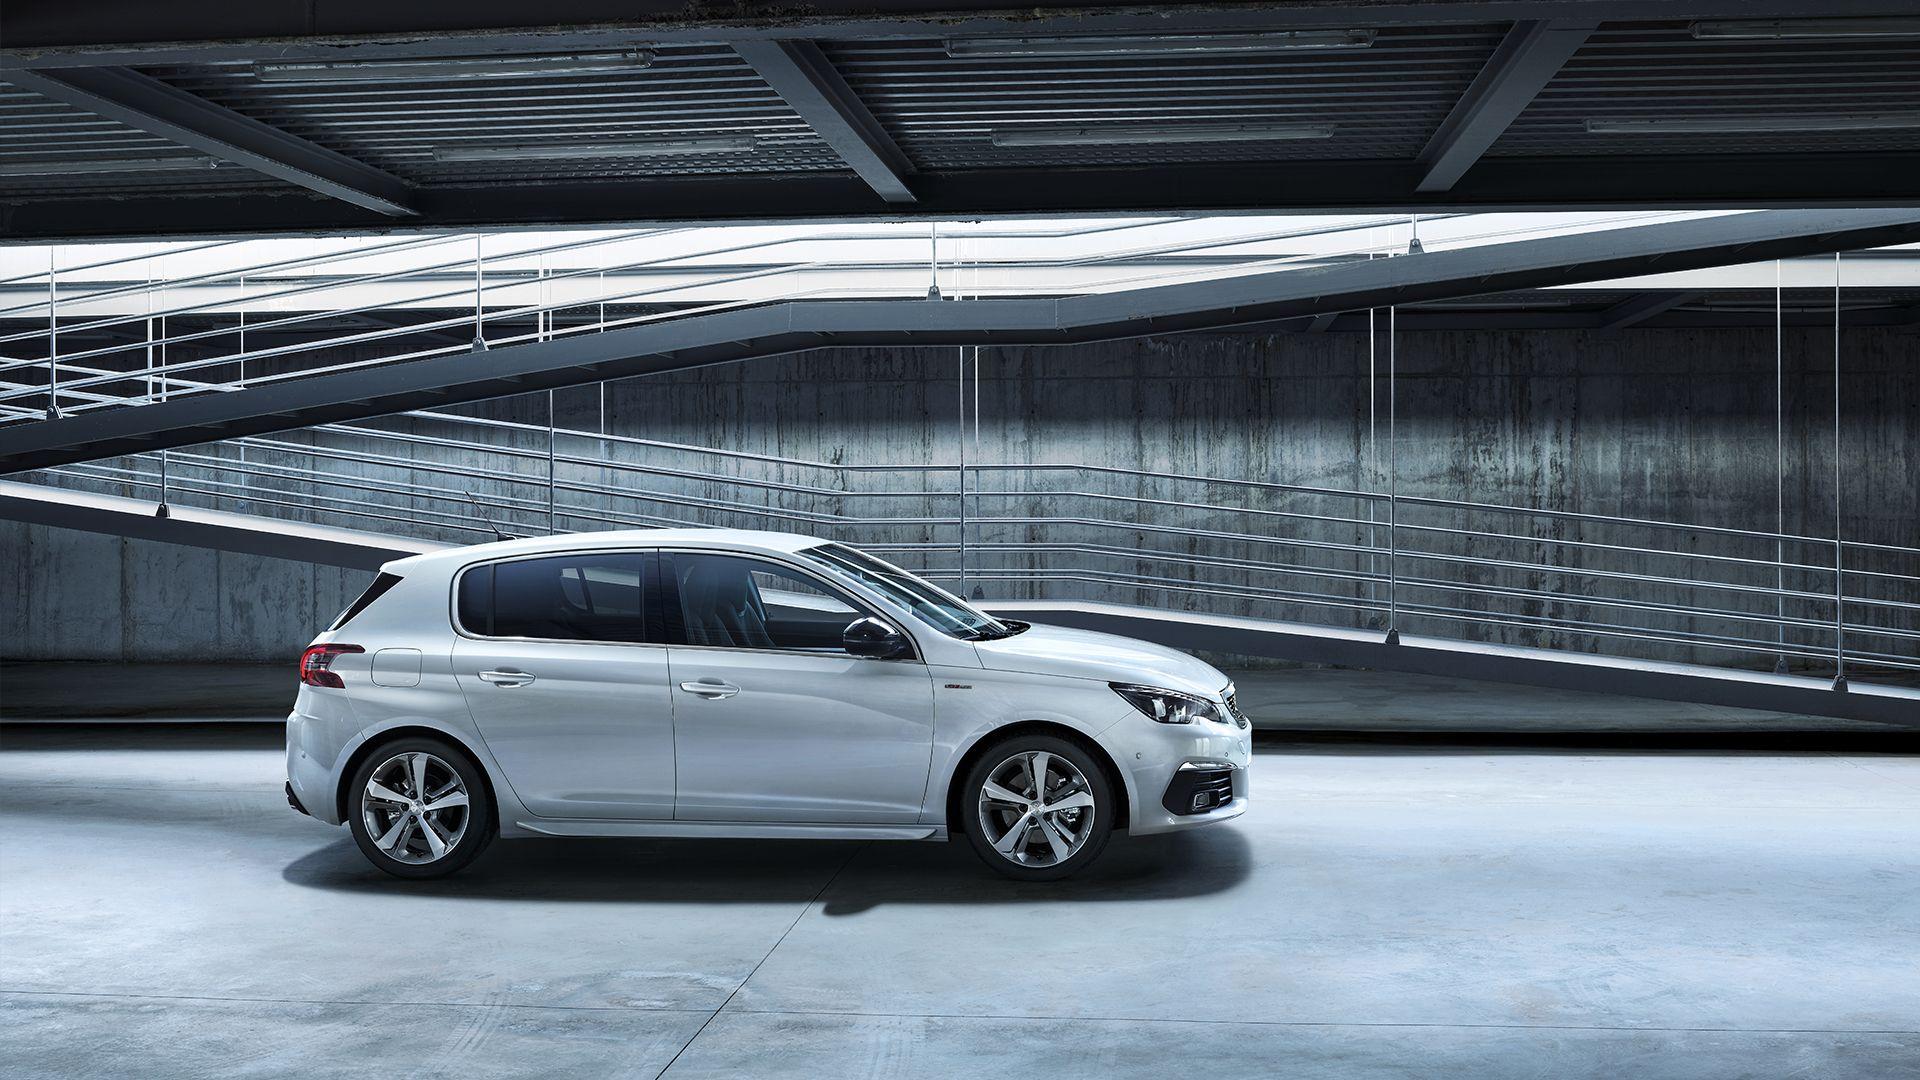 Conoce las 5 novedades más importantes del nuevo Peugeot 308